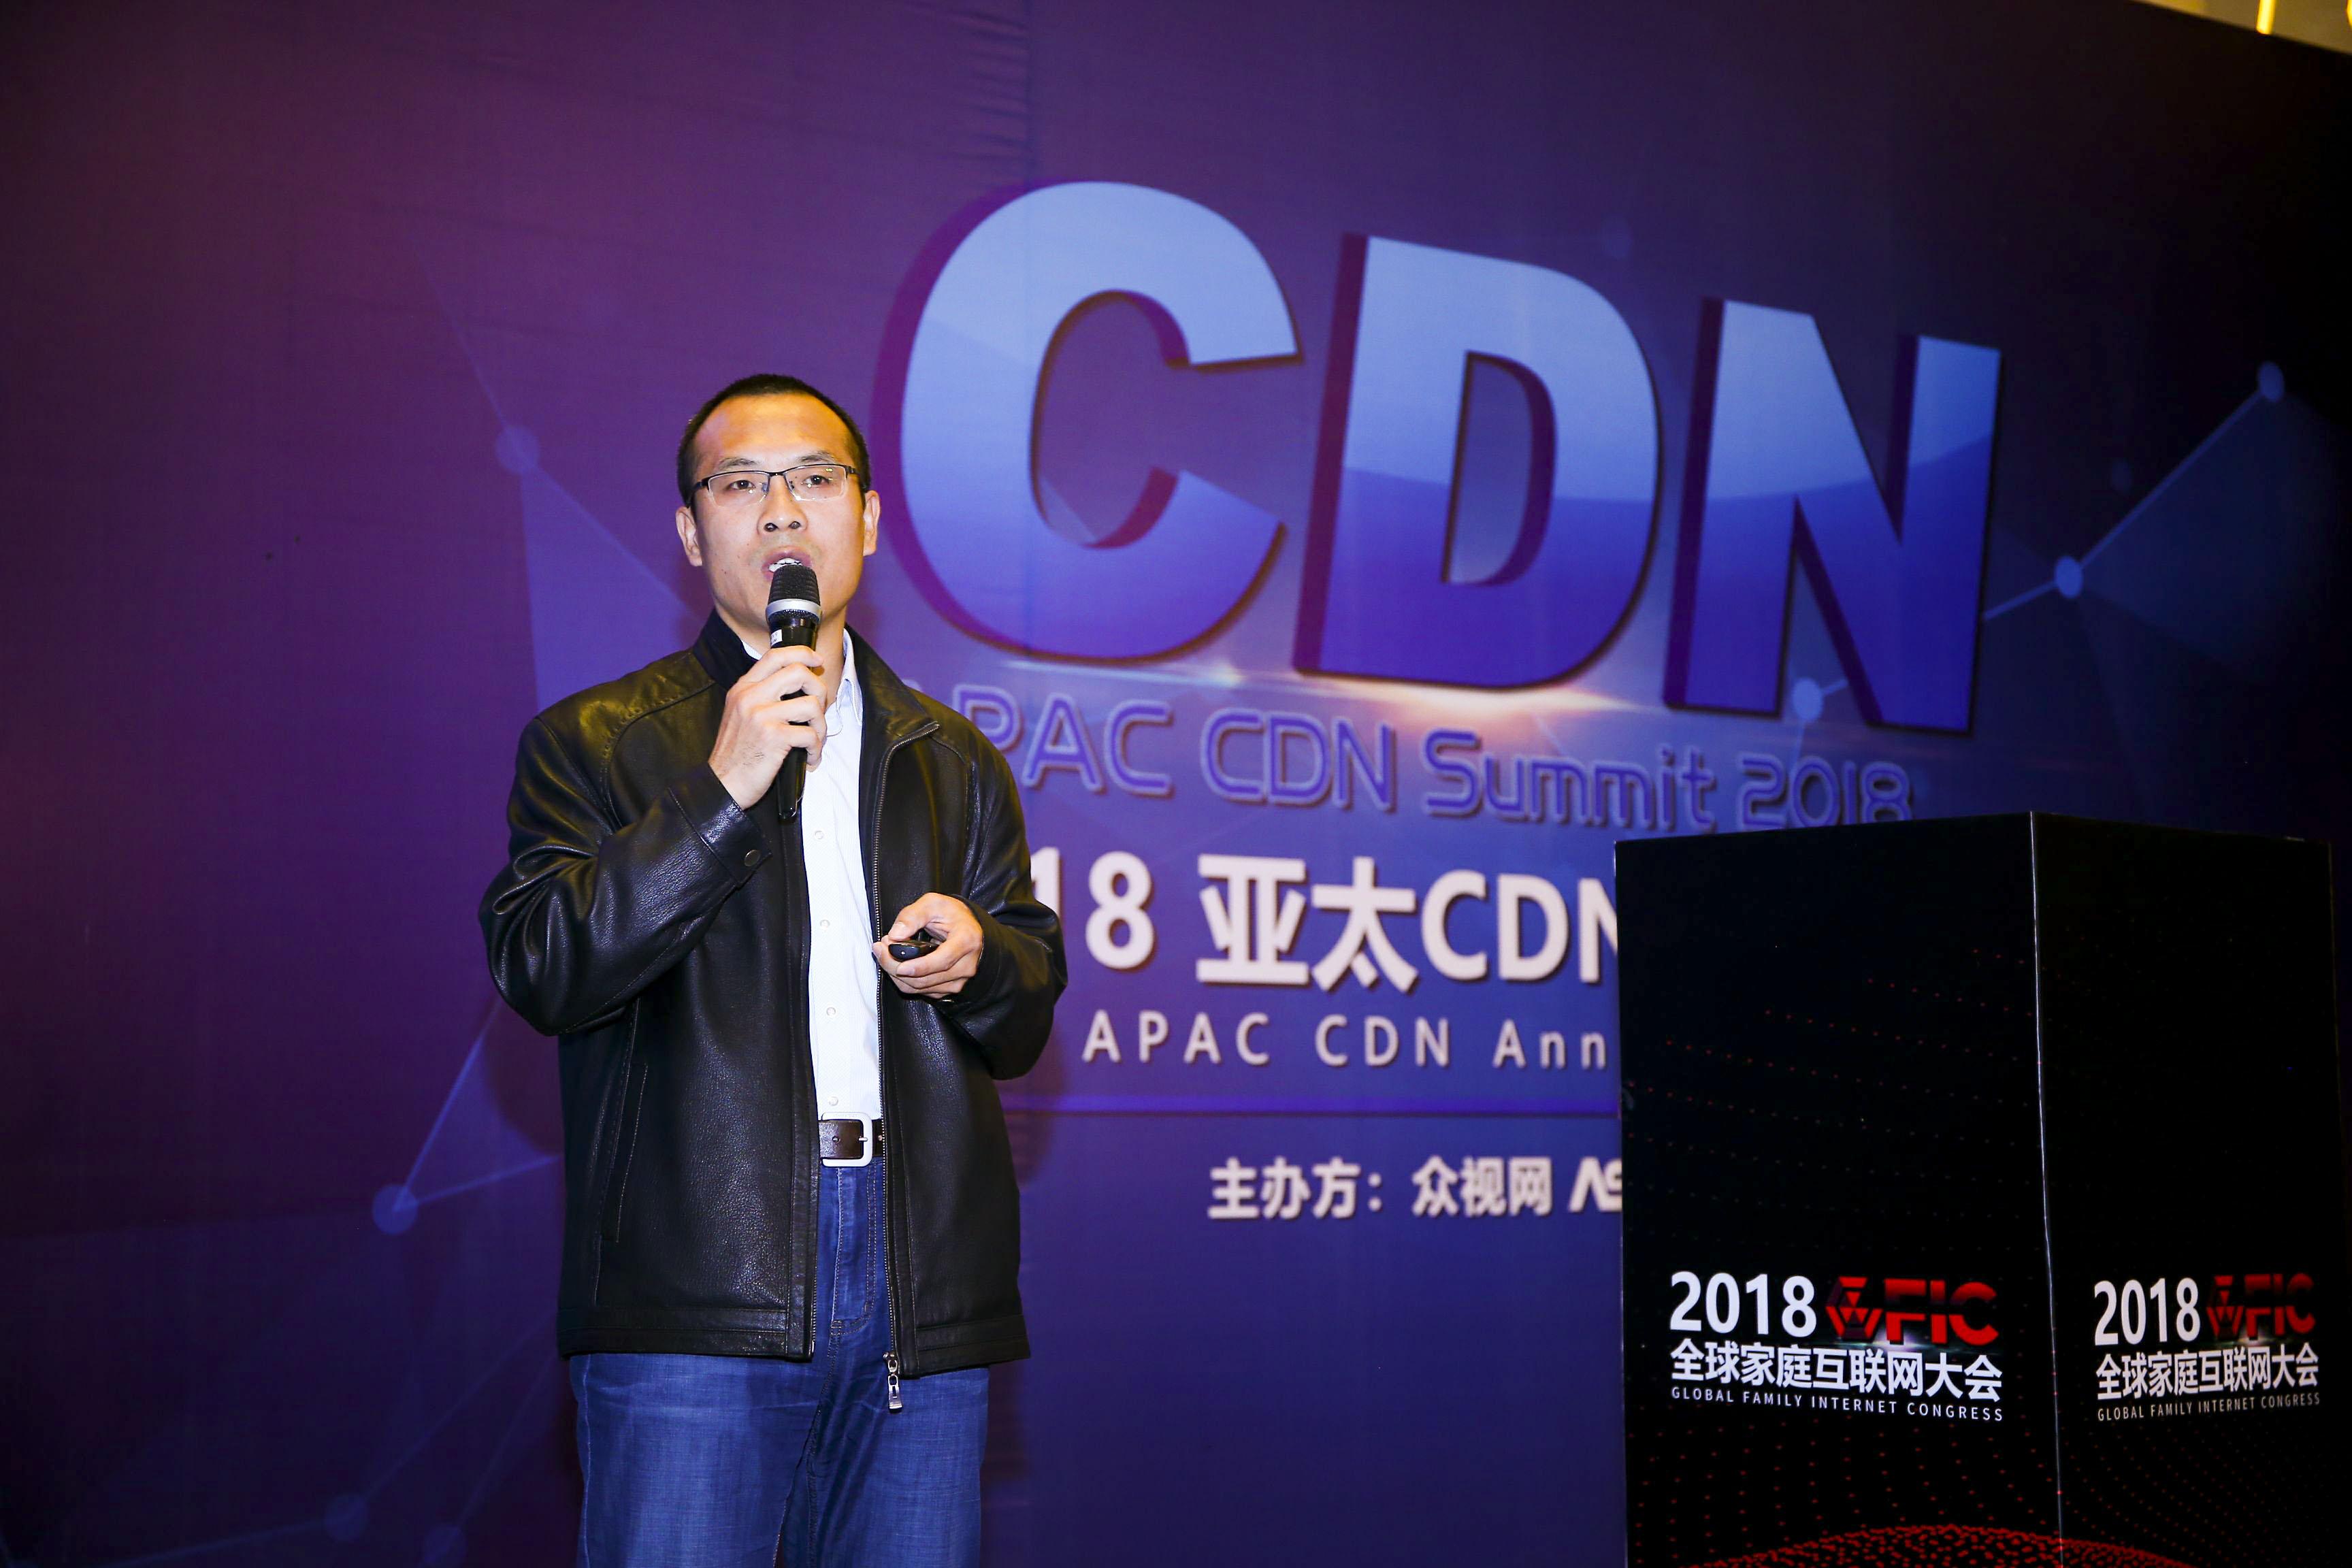 金山云高级总监武爱敏:我们以五大利器破解视频行业三大痛点